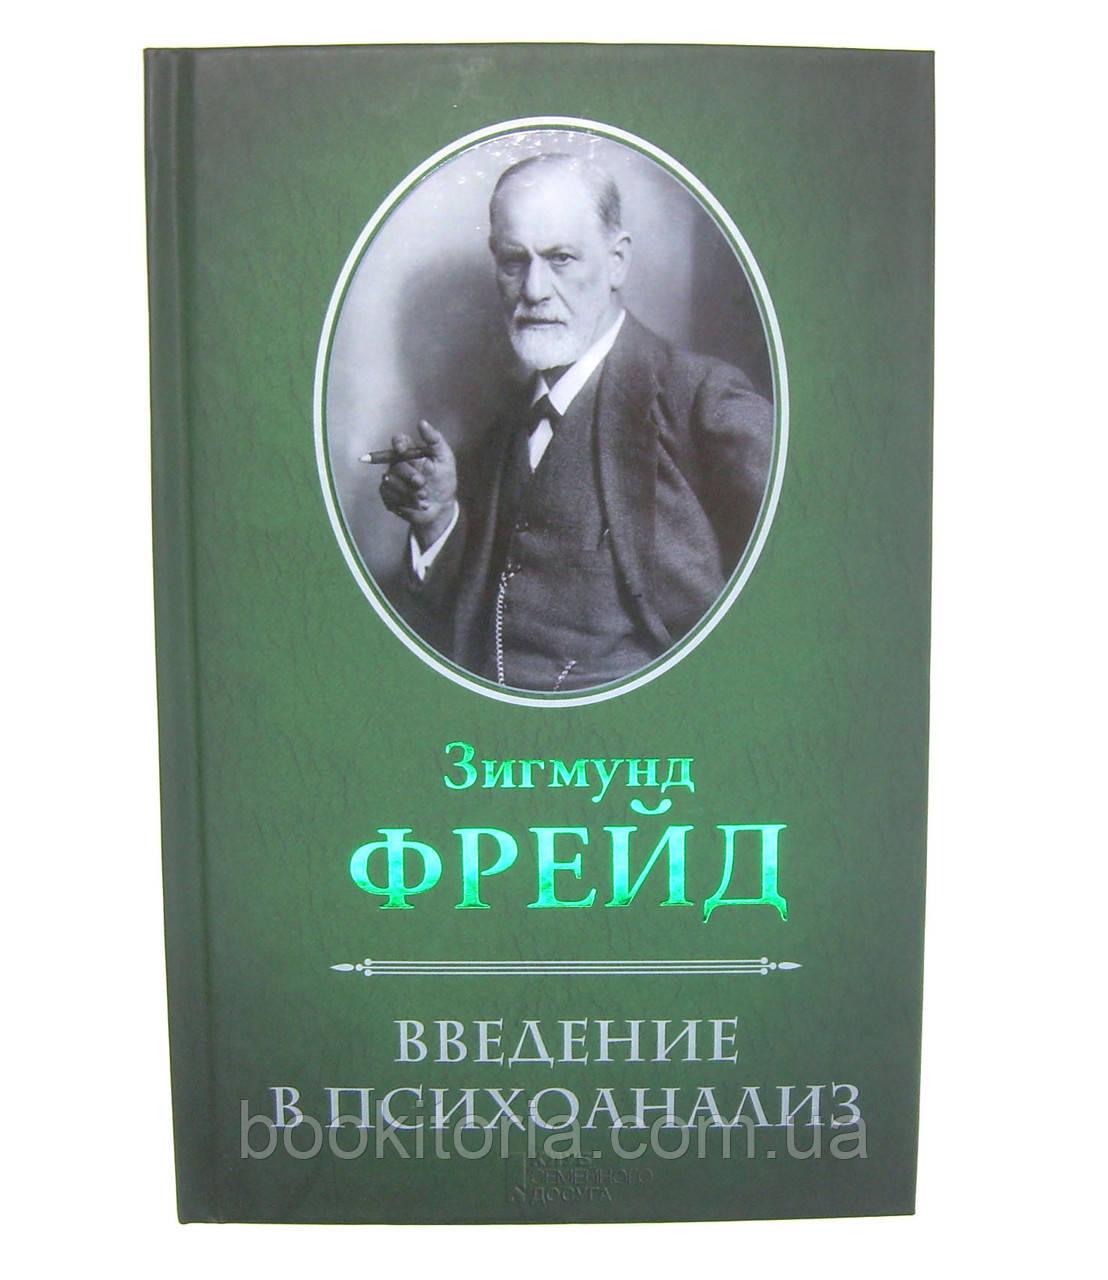 Фрейд З. Введение в психоанализ.